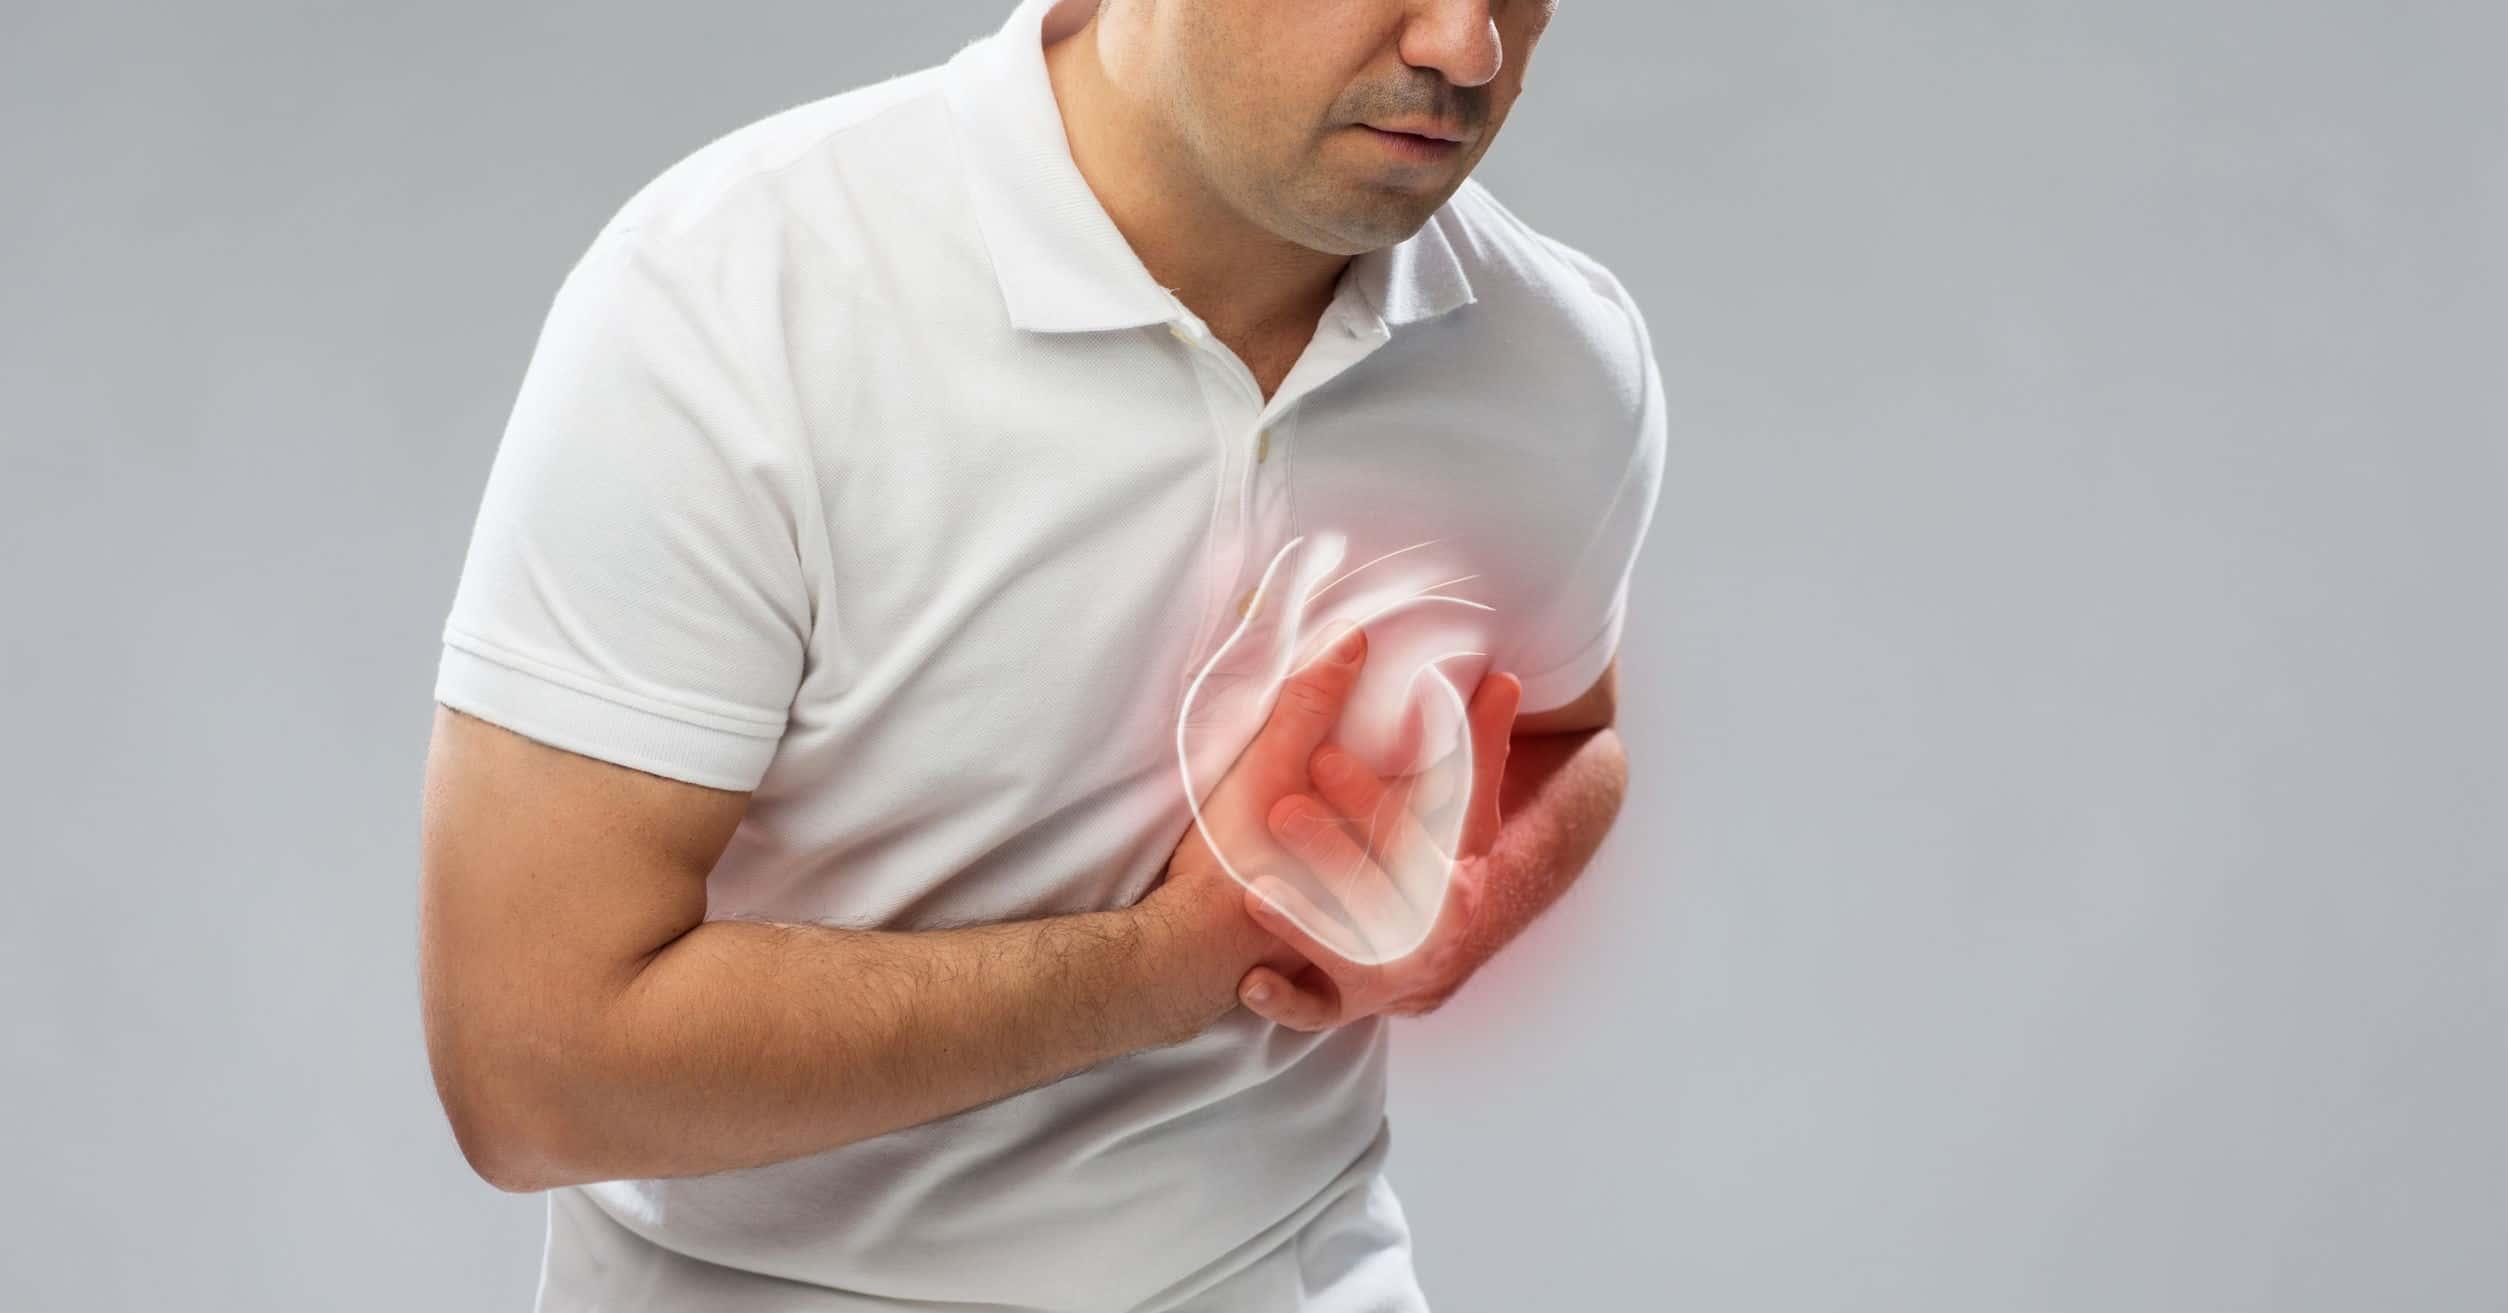 magas vérnyomásban szenvedő izmok pumpálására